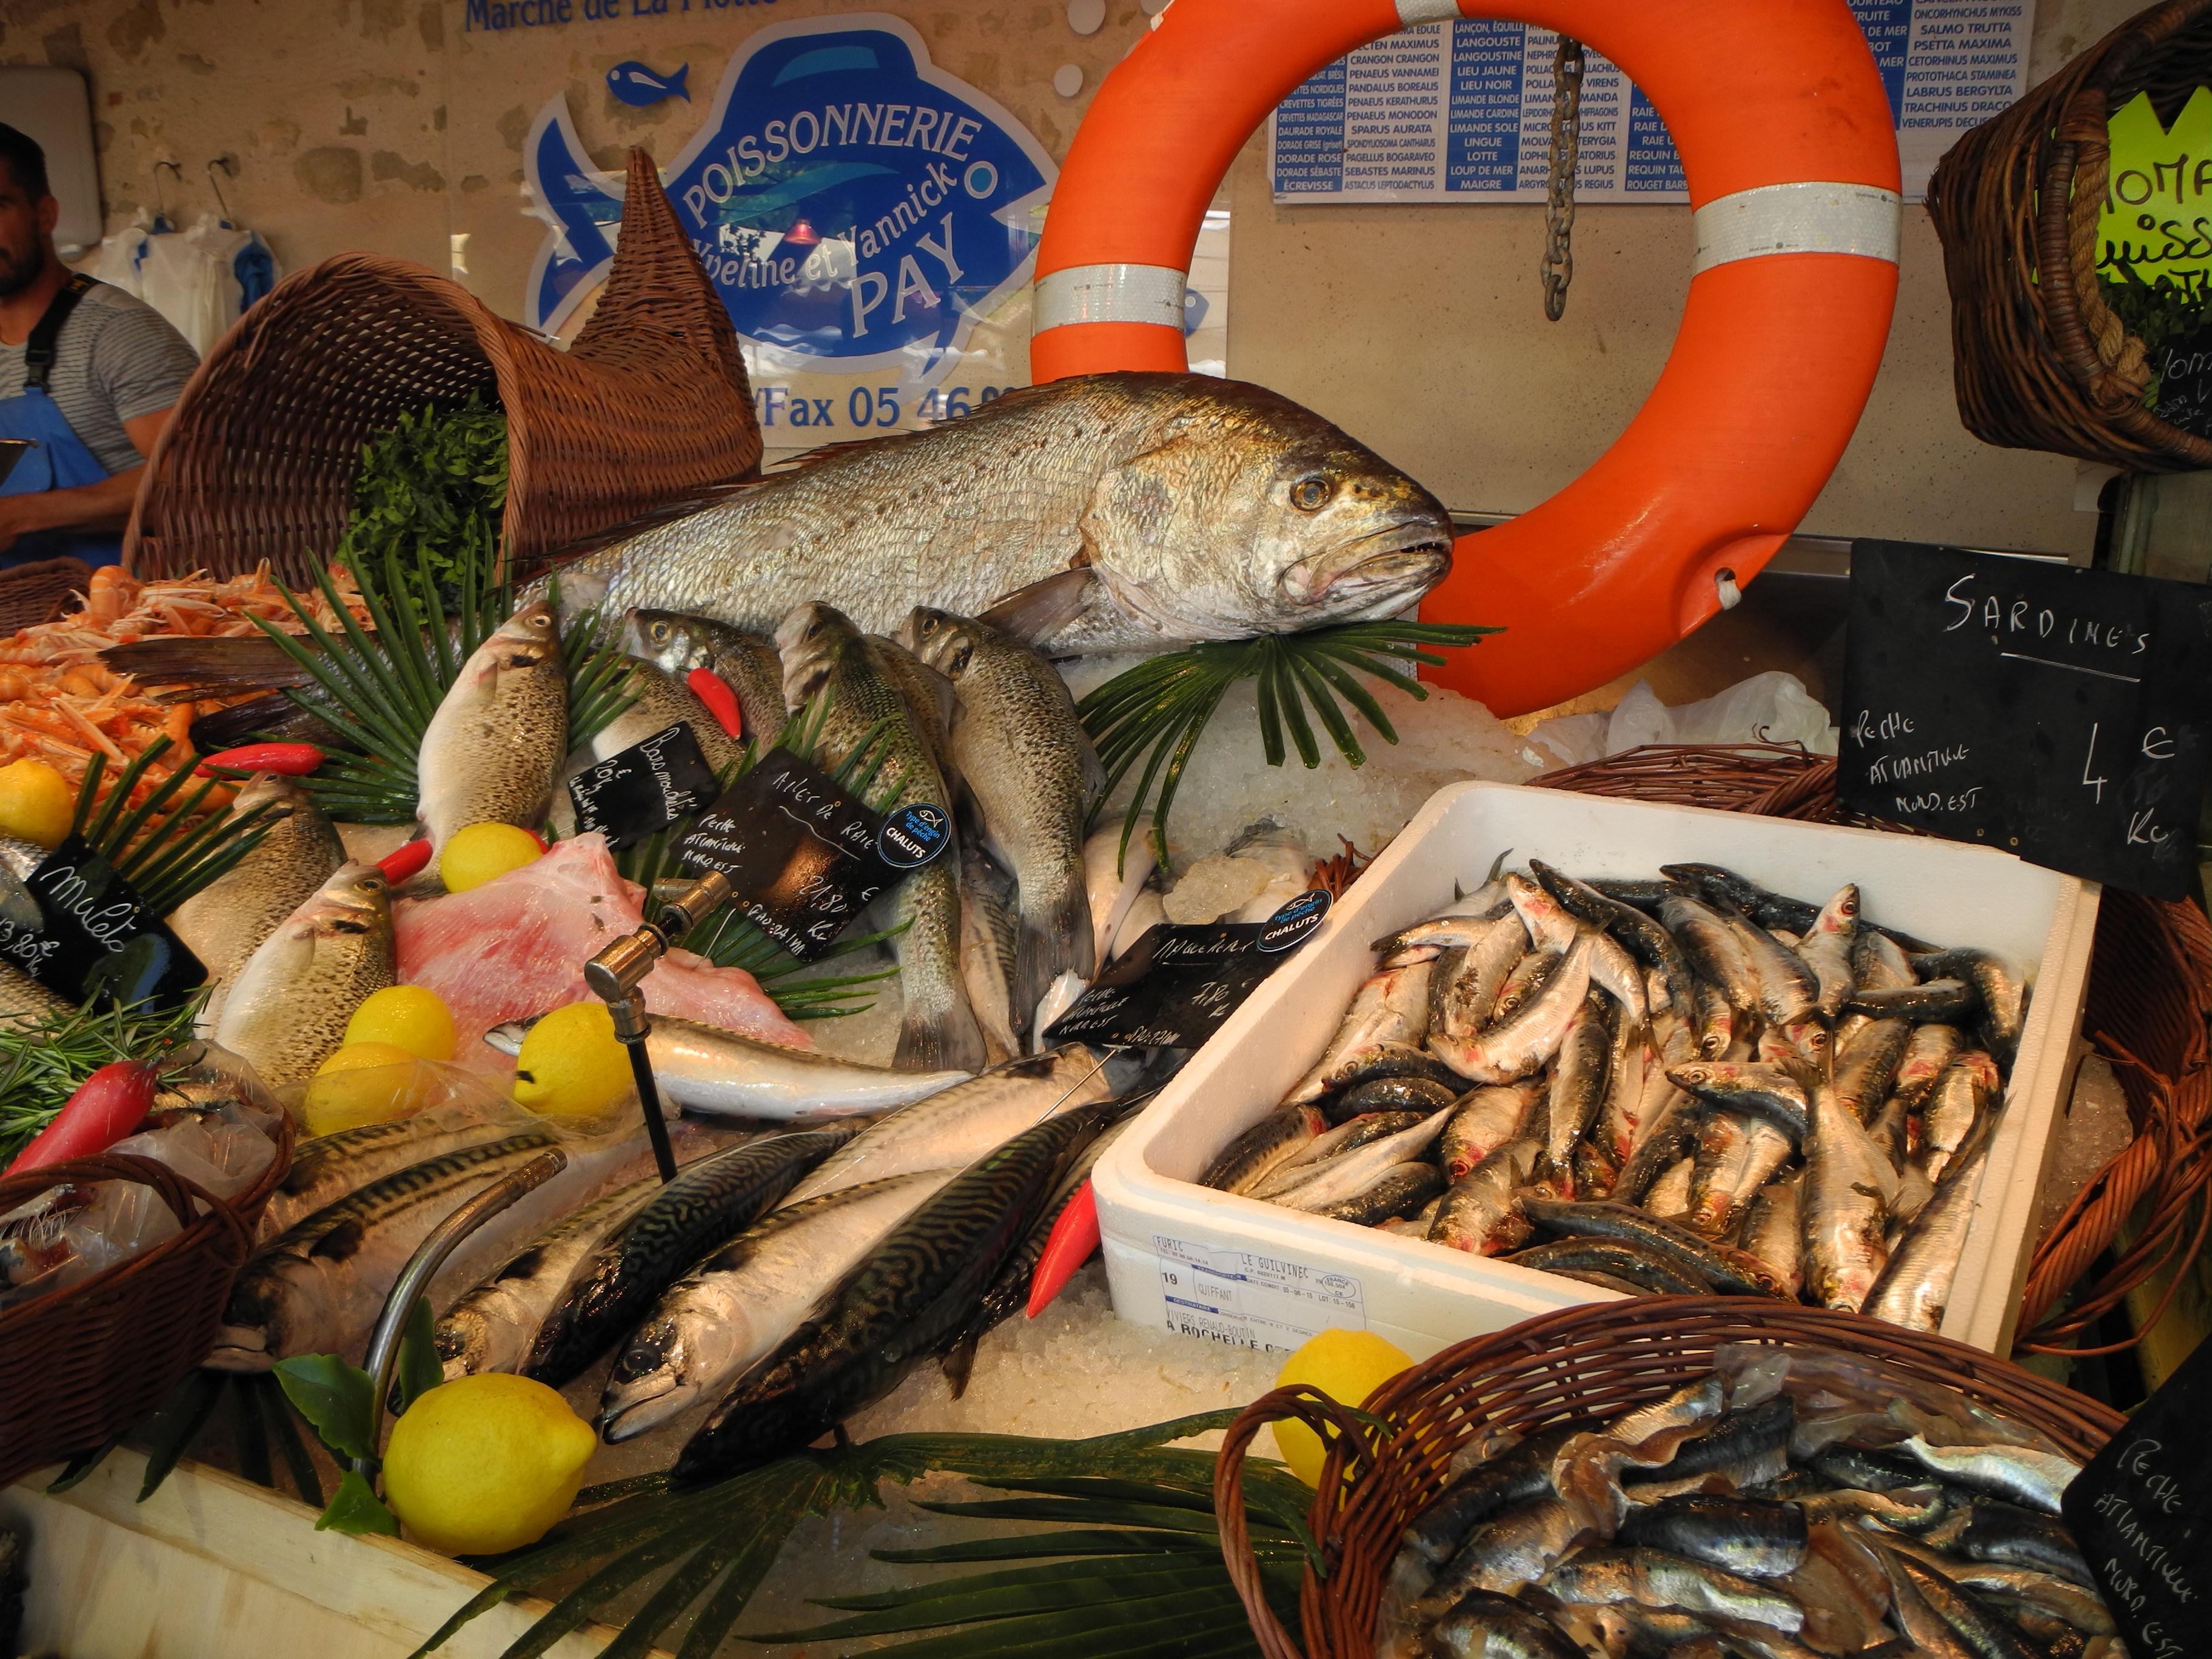 Ile de Re: Fish market